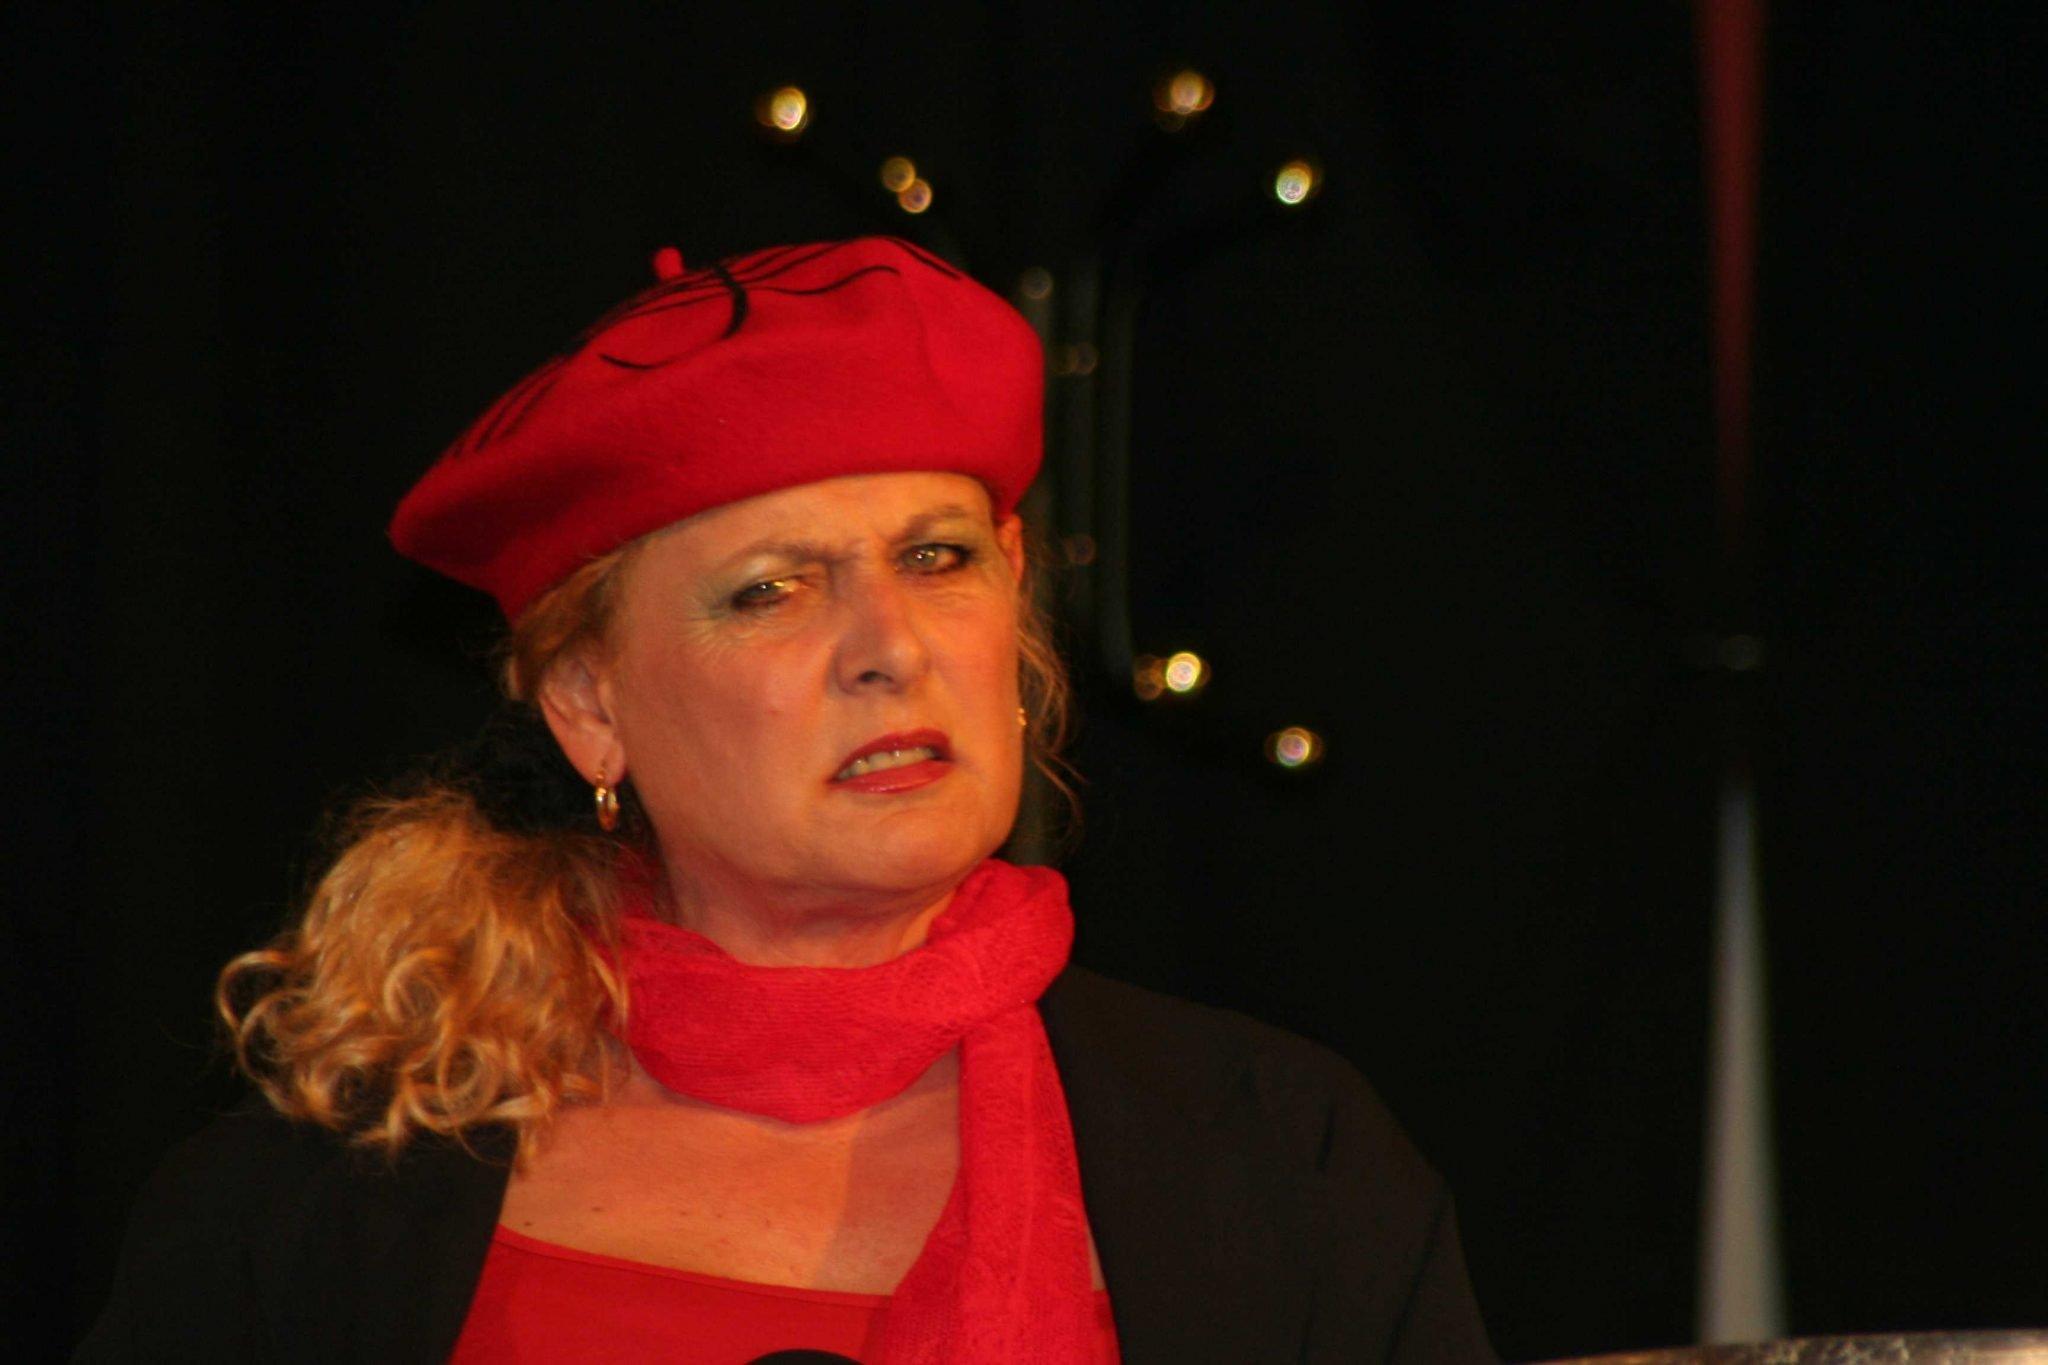 """""""Mardi, c'est théâtre"""" dans """"Diablogues"""" (Juin 2010) 7"""